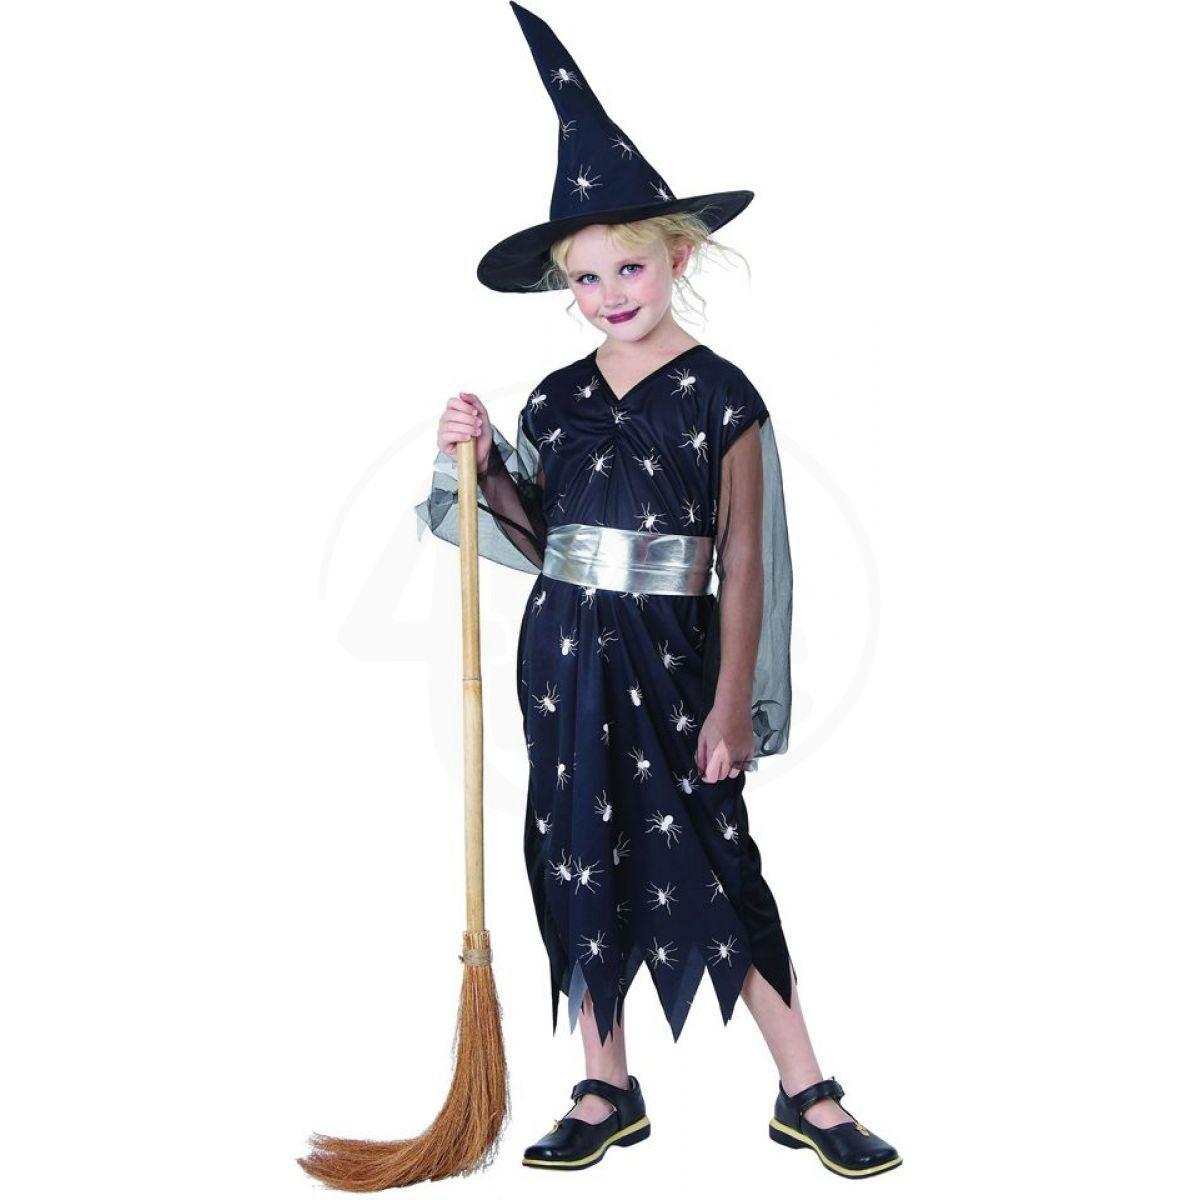 Made Dětský kostým Čarodějka pavouk 120-130 cm MaDe Šaty na karneval ... 02b08d238ea